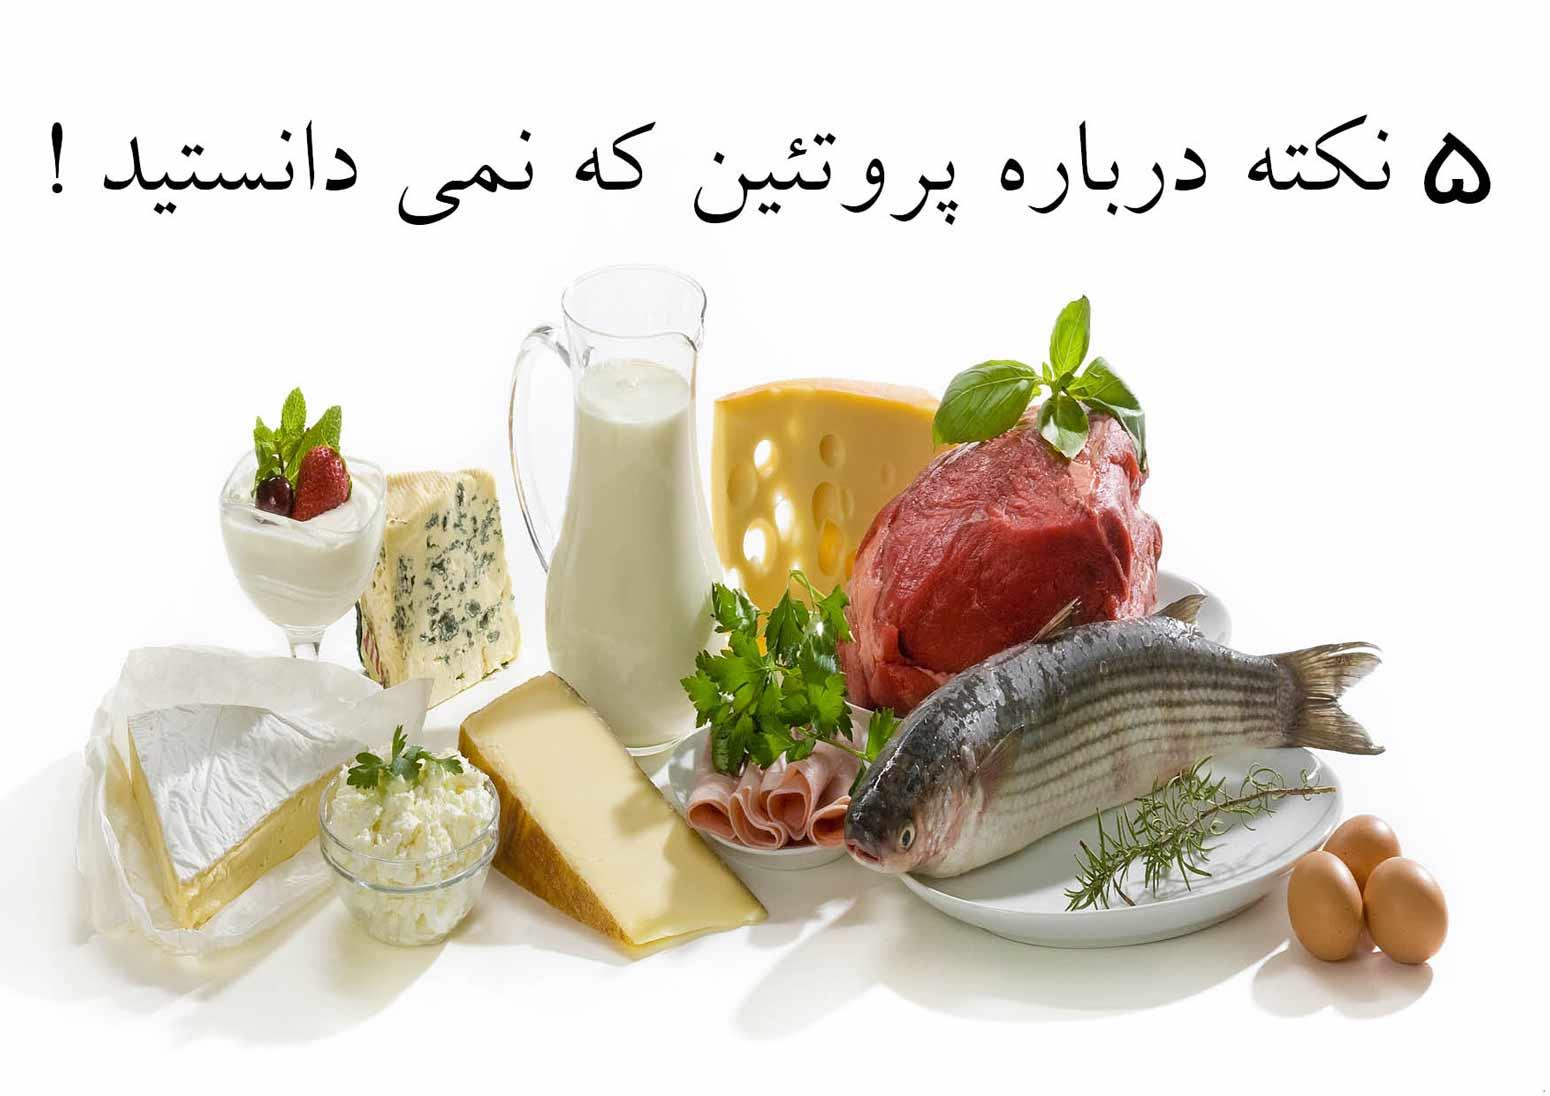 ۵ نکته درباره پروتئین که نمی دانستید !